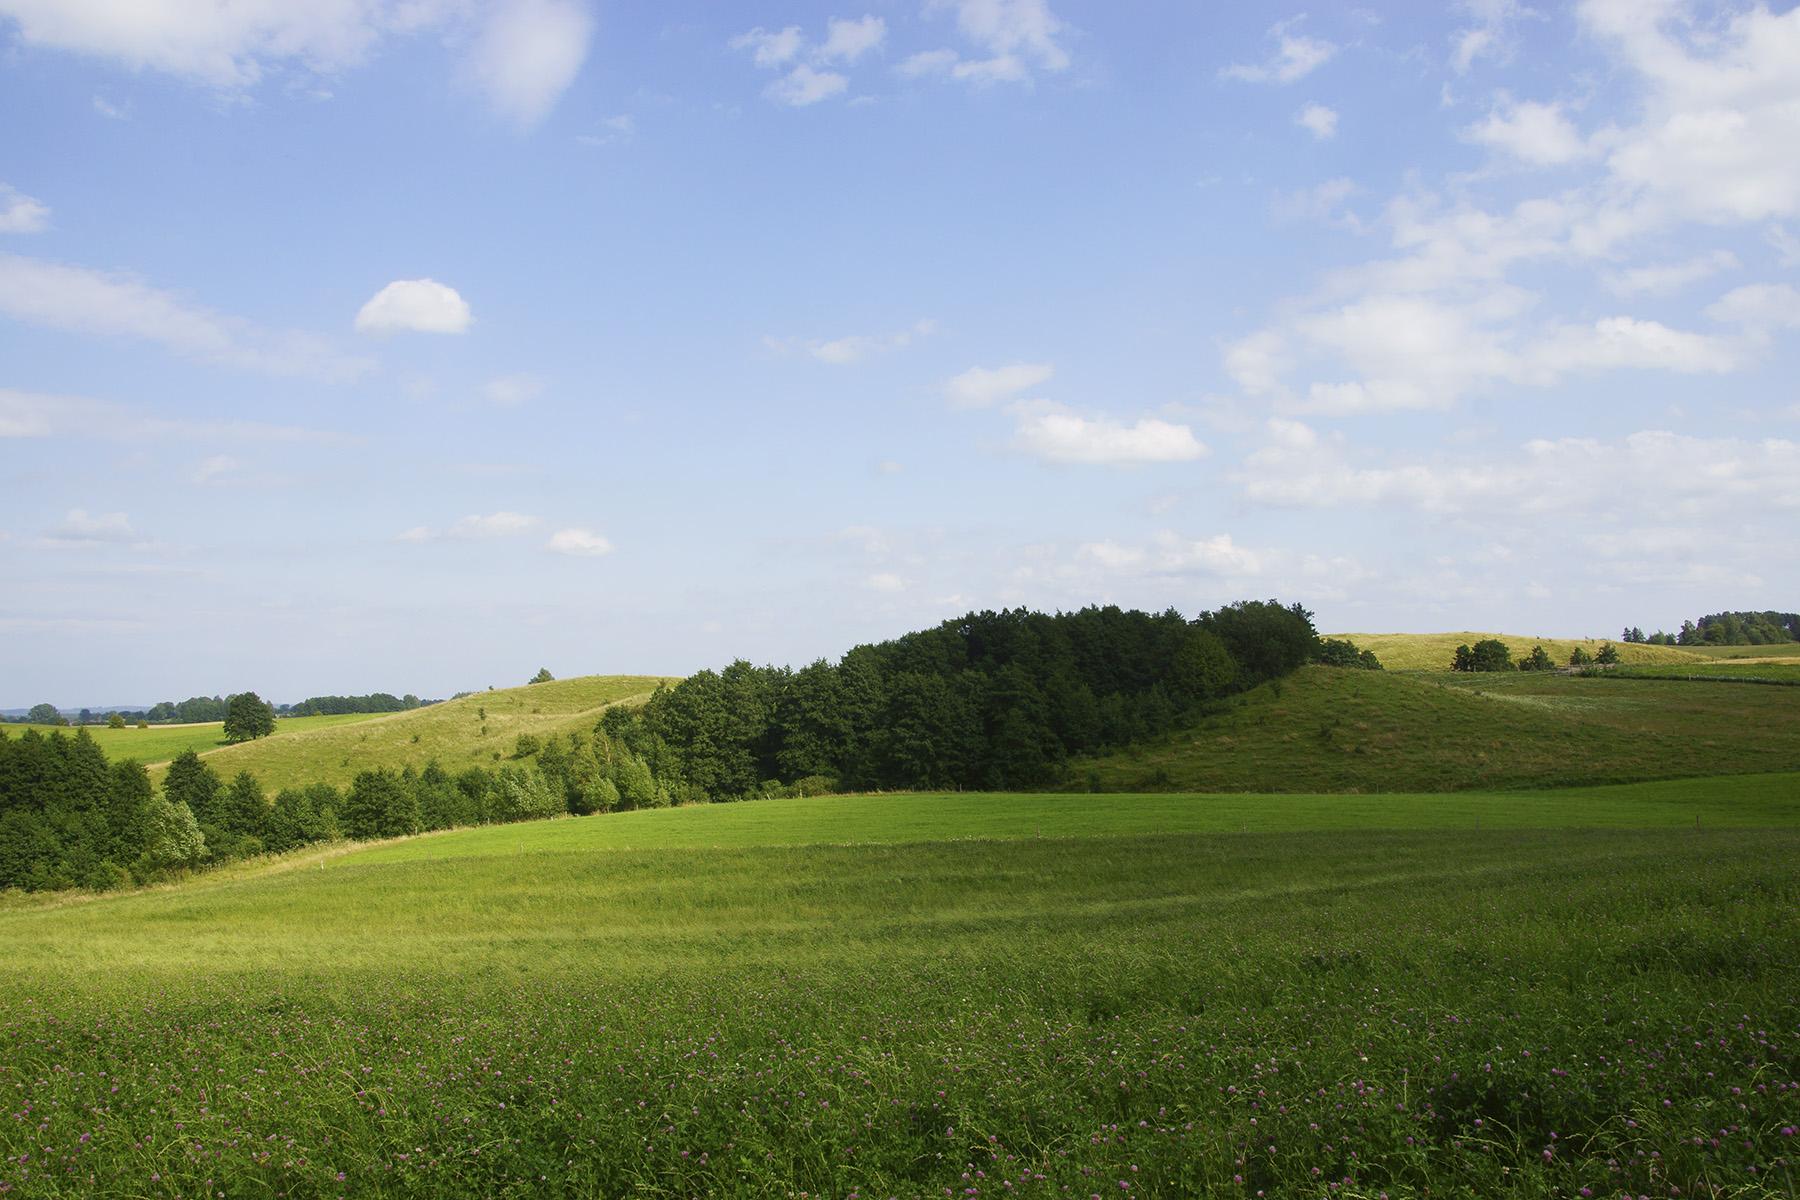 Niemal beskidzkie krajobrazy Wzgórz Dowiackich